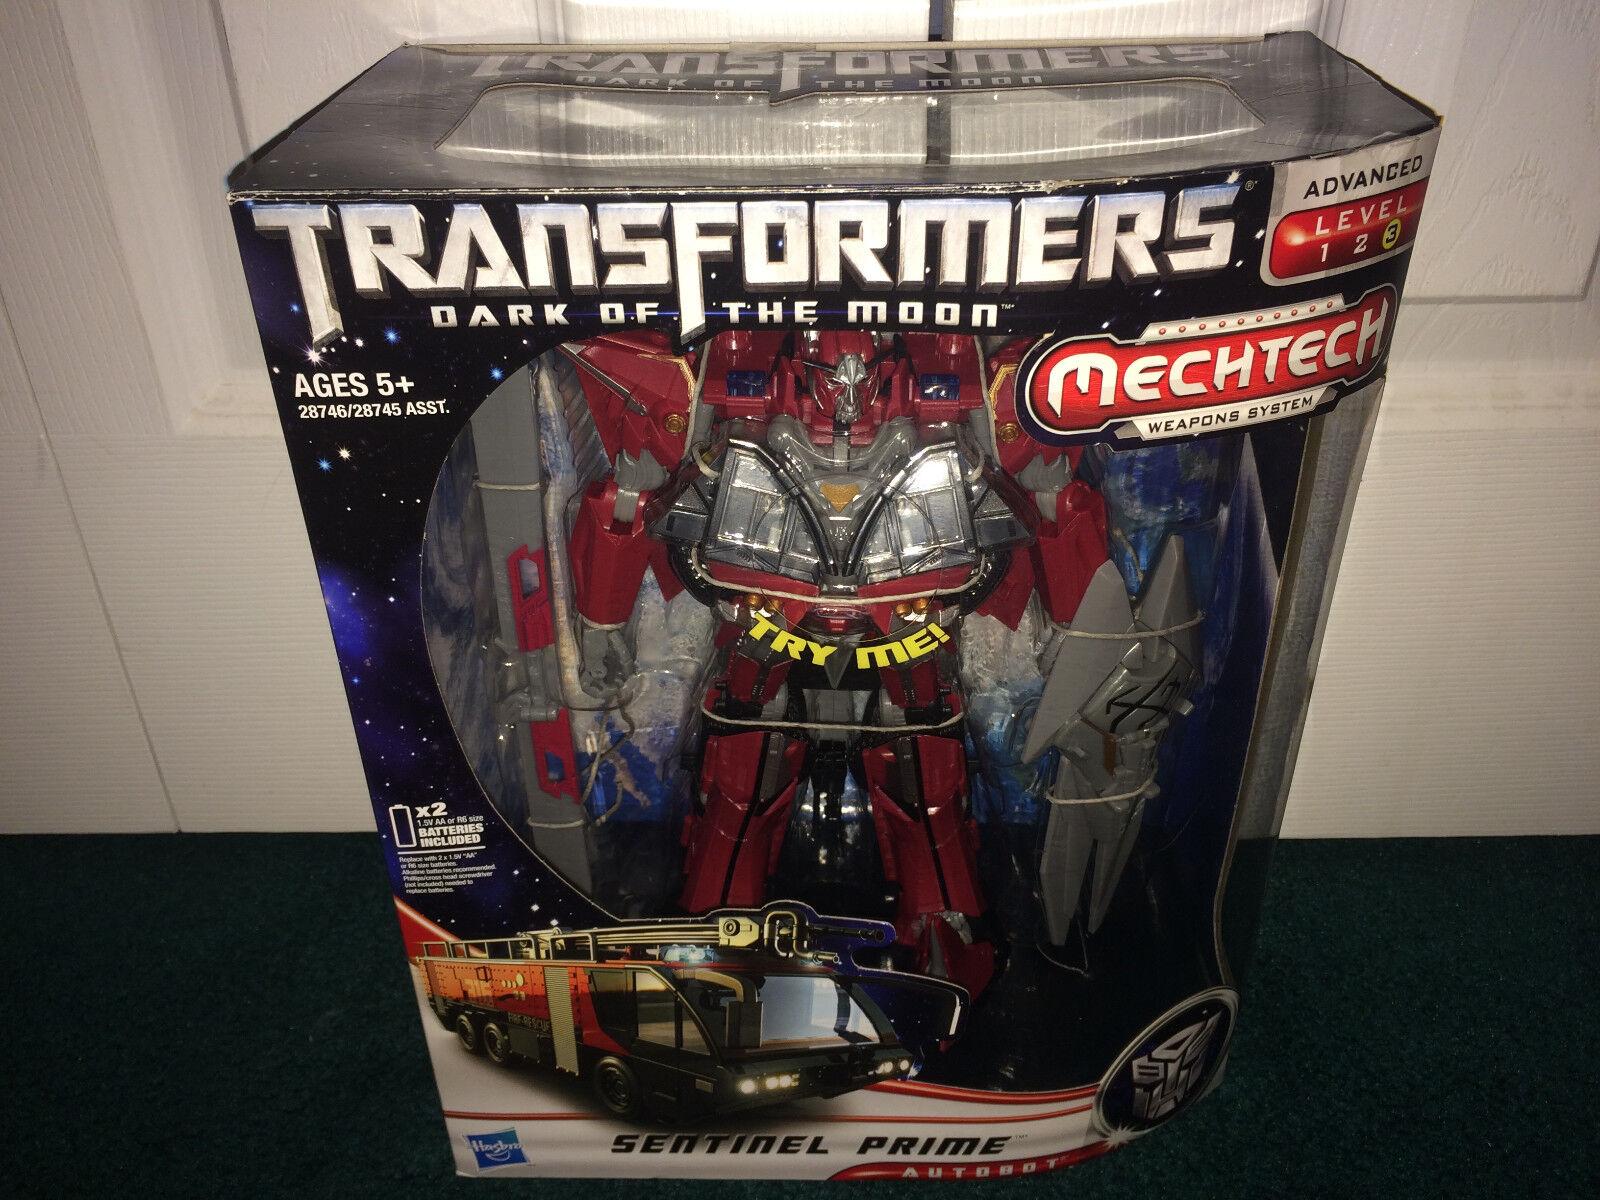 100% garantía genuina de contador Sentinel Prime líder de DOTM oscuro de de de la luna Transformers Hasbro 2011 Sellado   gran selección y entrega rápida